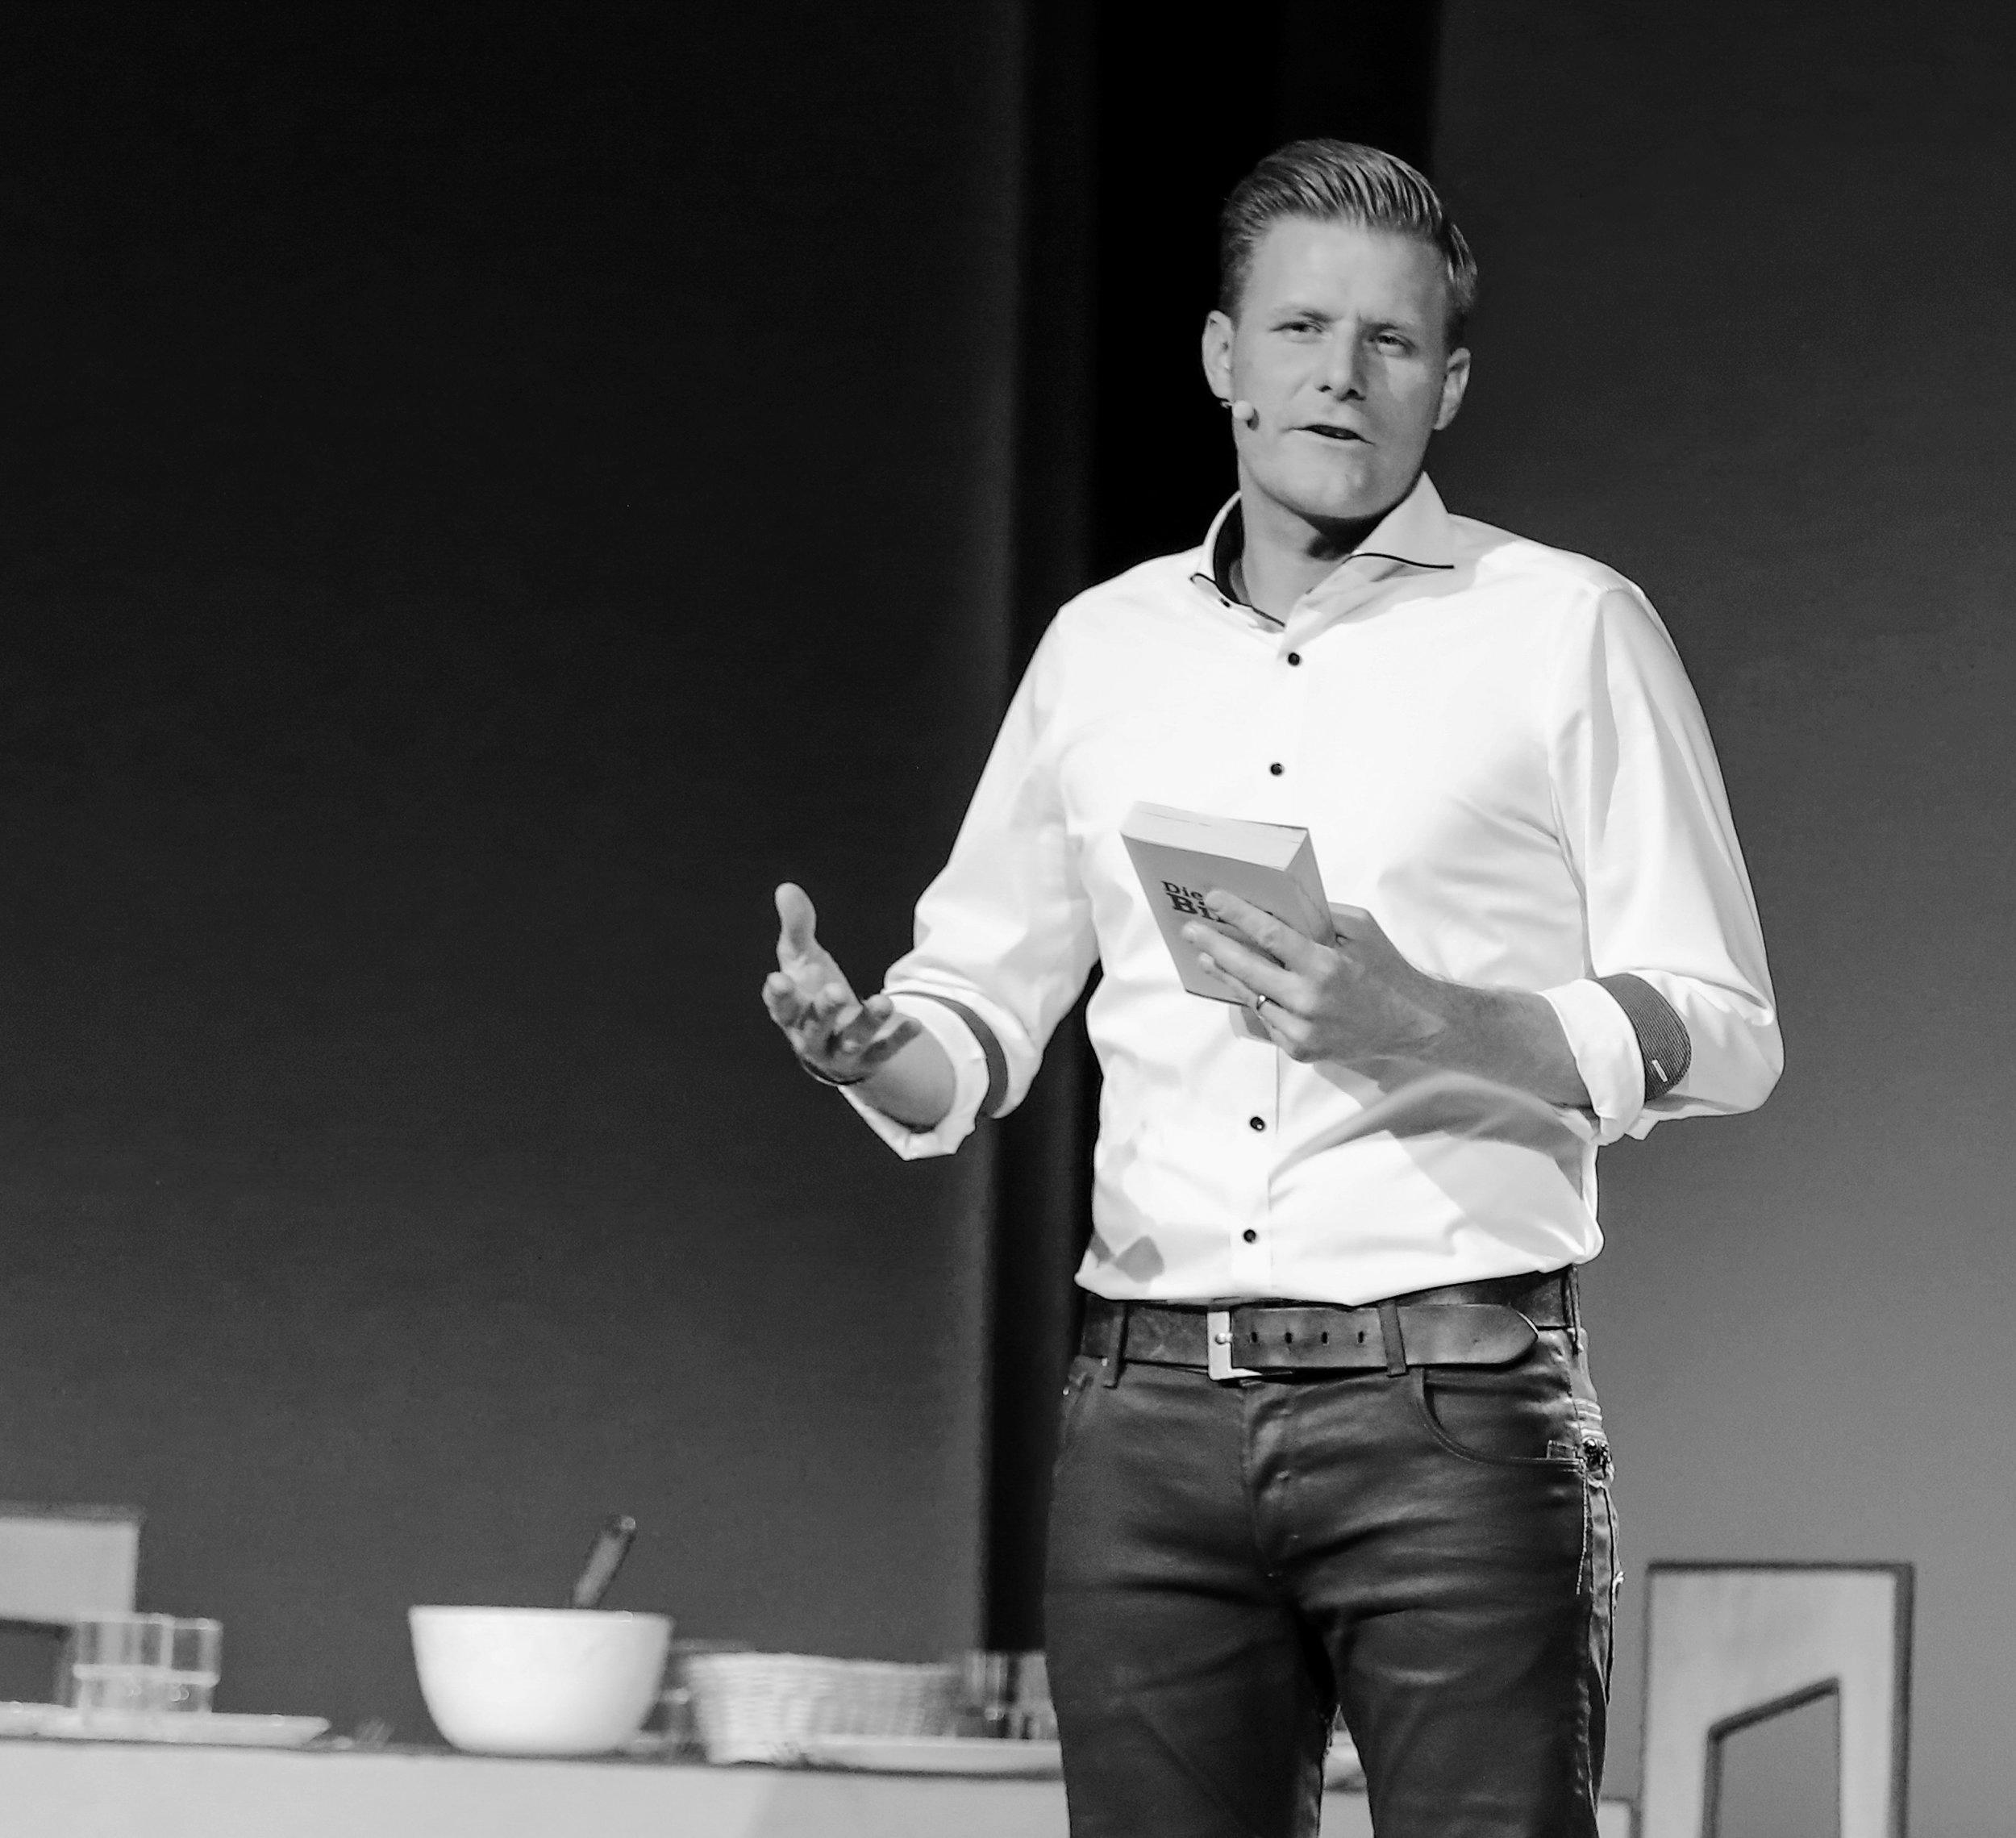 Gabriel Häsler - Leiter Netzwerkschweiz - «Gott möchte sich mit den Menschen versöhnen. Diese Botschaft ist so genial, dass wir sie mit allen uns zur Verfügung stehendenMitteln unters Volk bringen müssen. Diese Schule wird dich darin trainieren und ausbilden!»